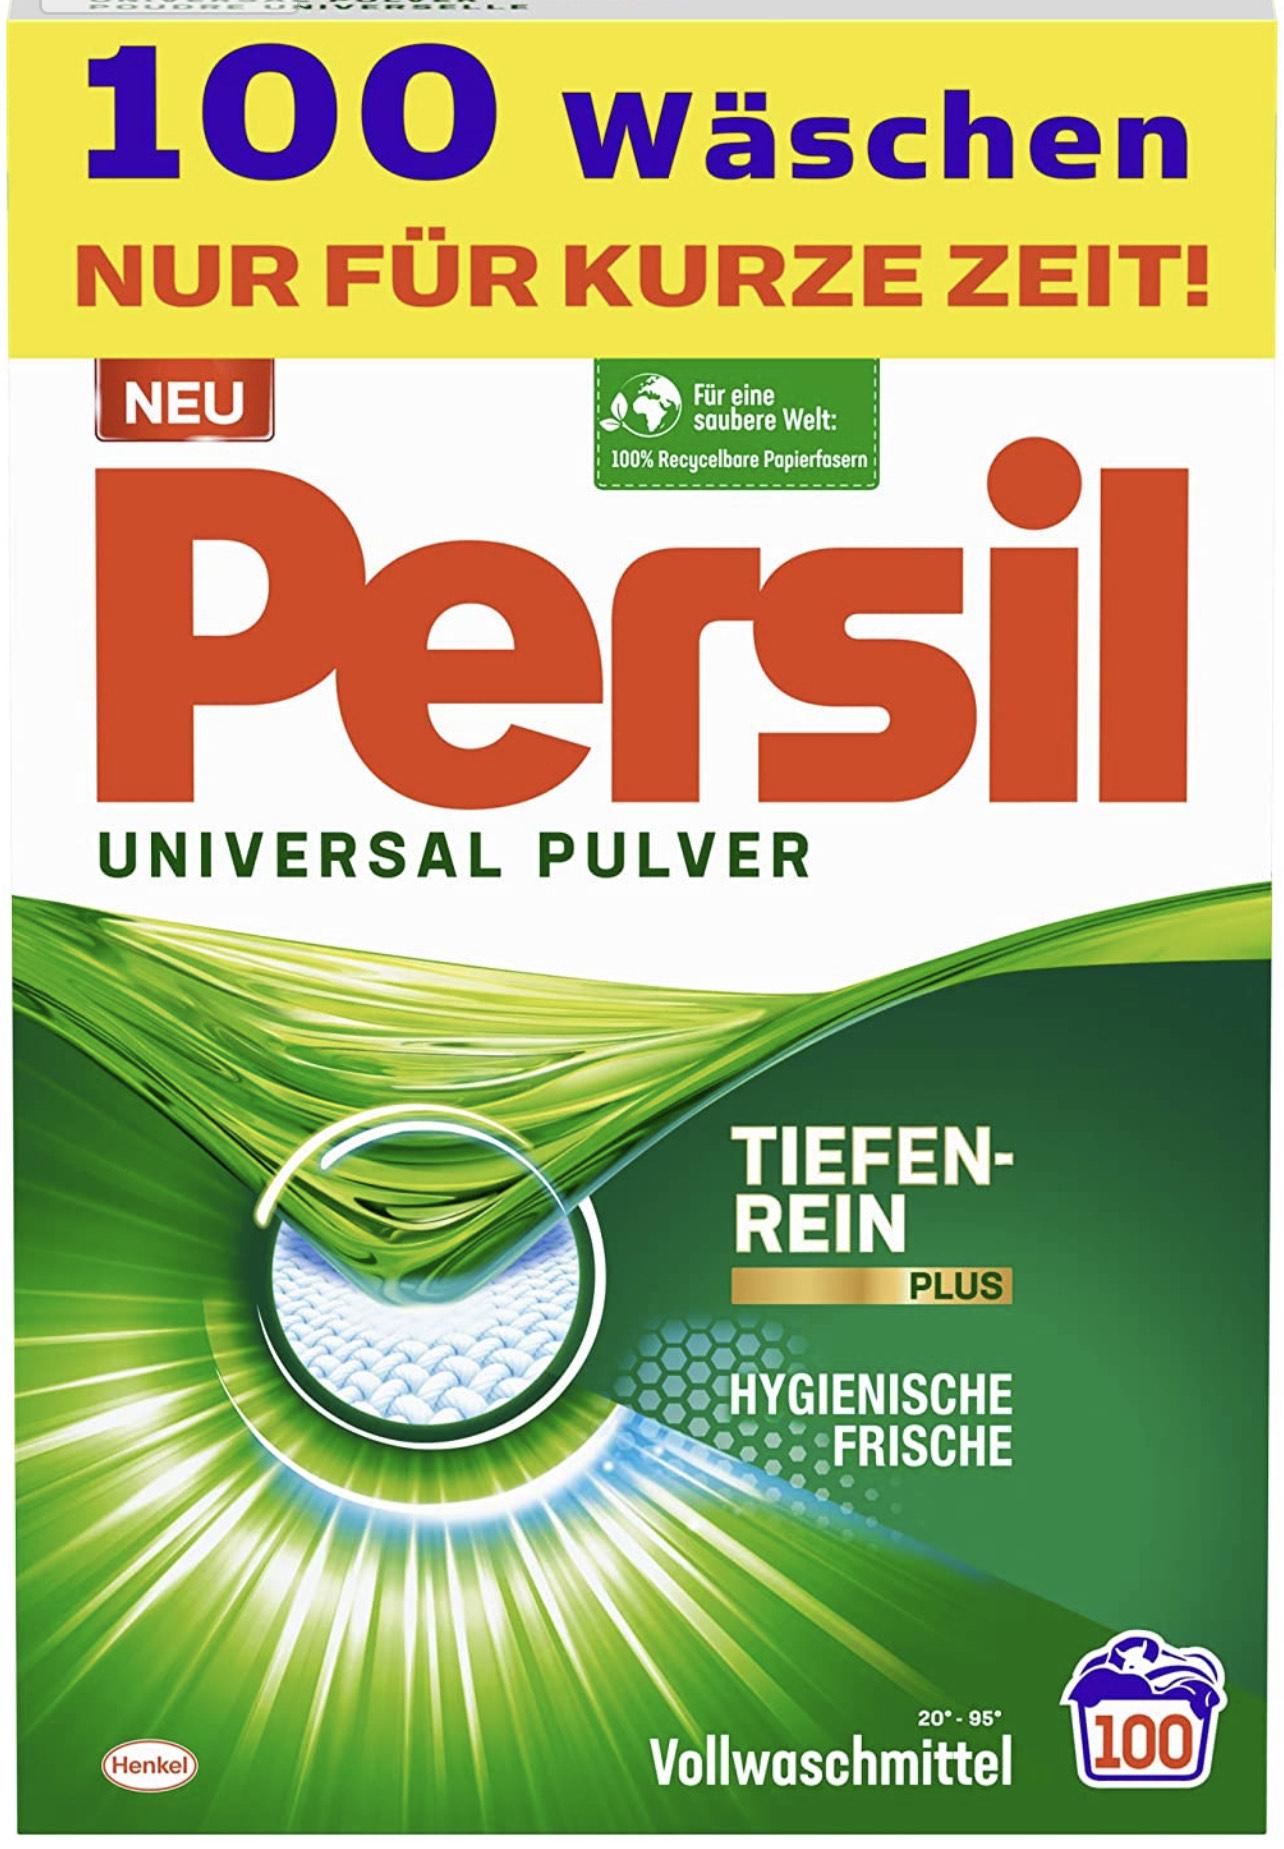 (Prime Abo) Persil Universal Pulver, Vollwaschmittel, 100 Waschladungen